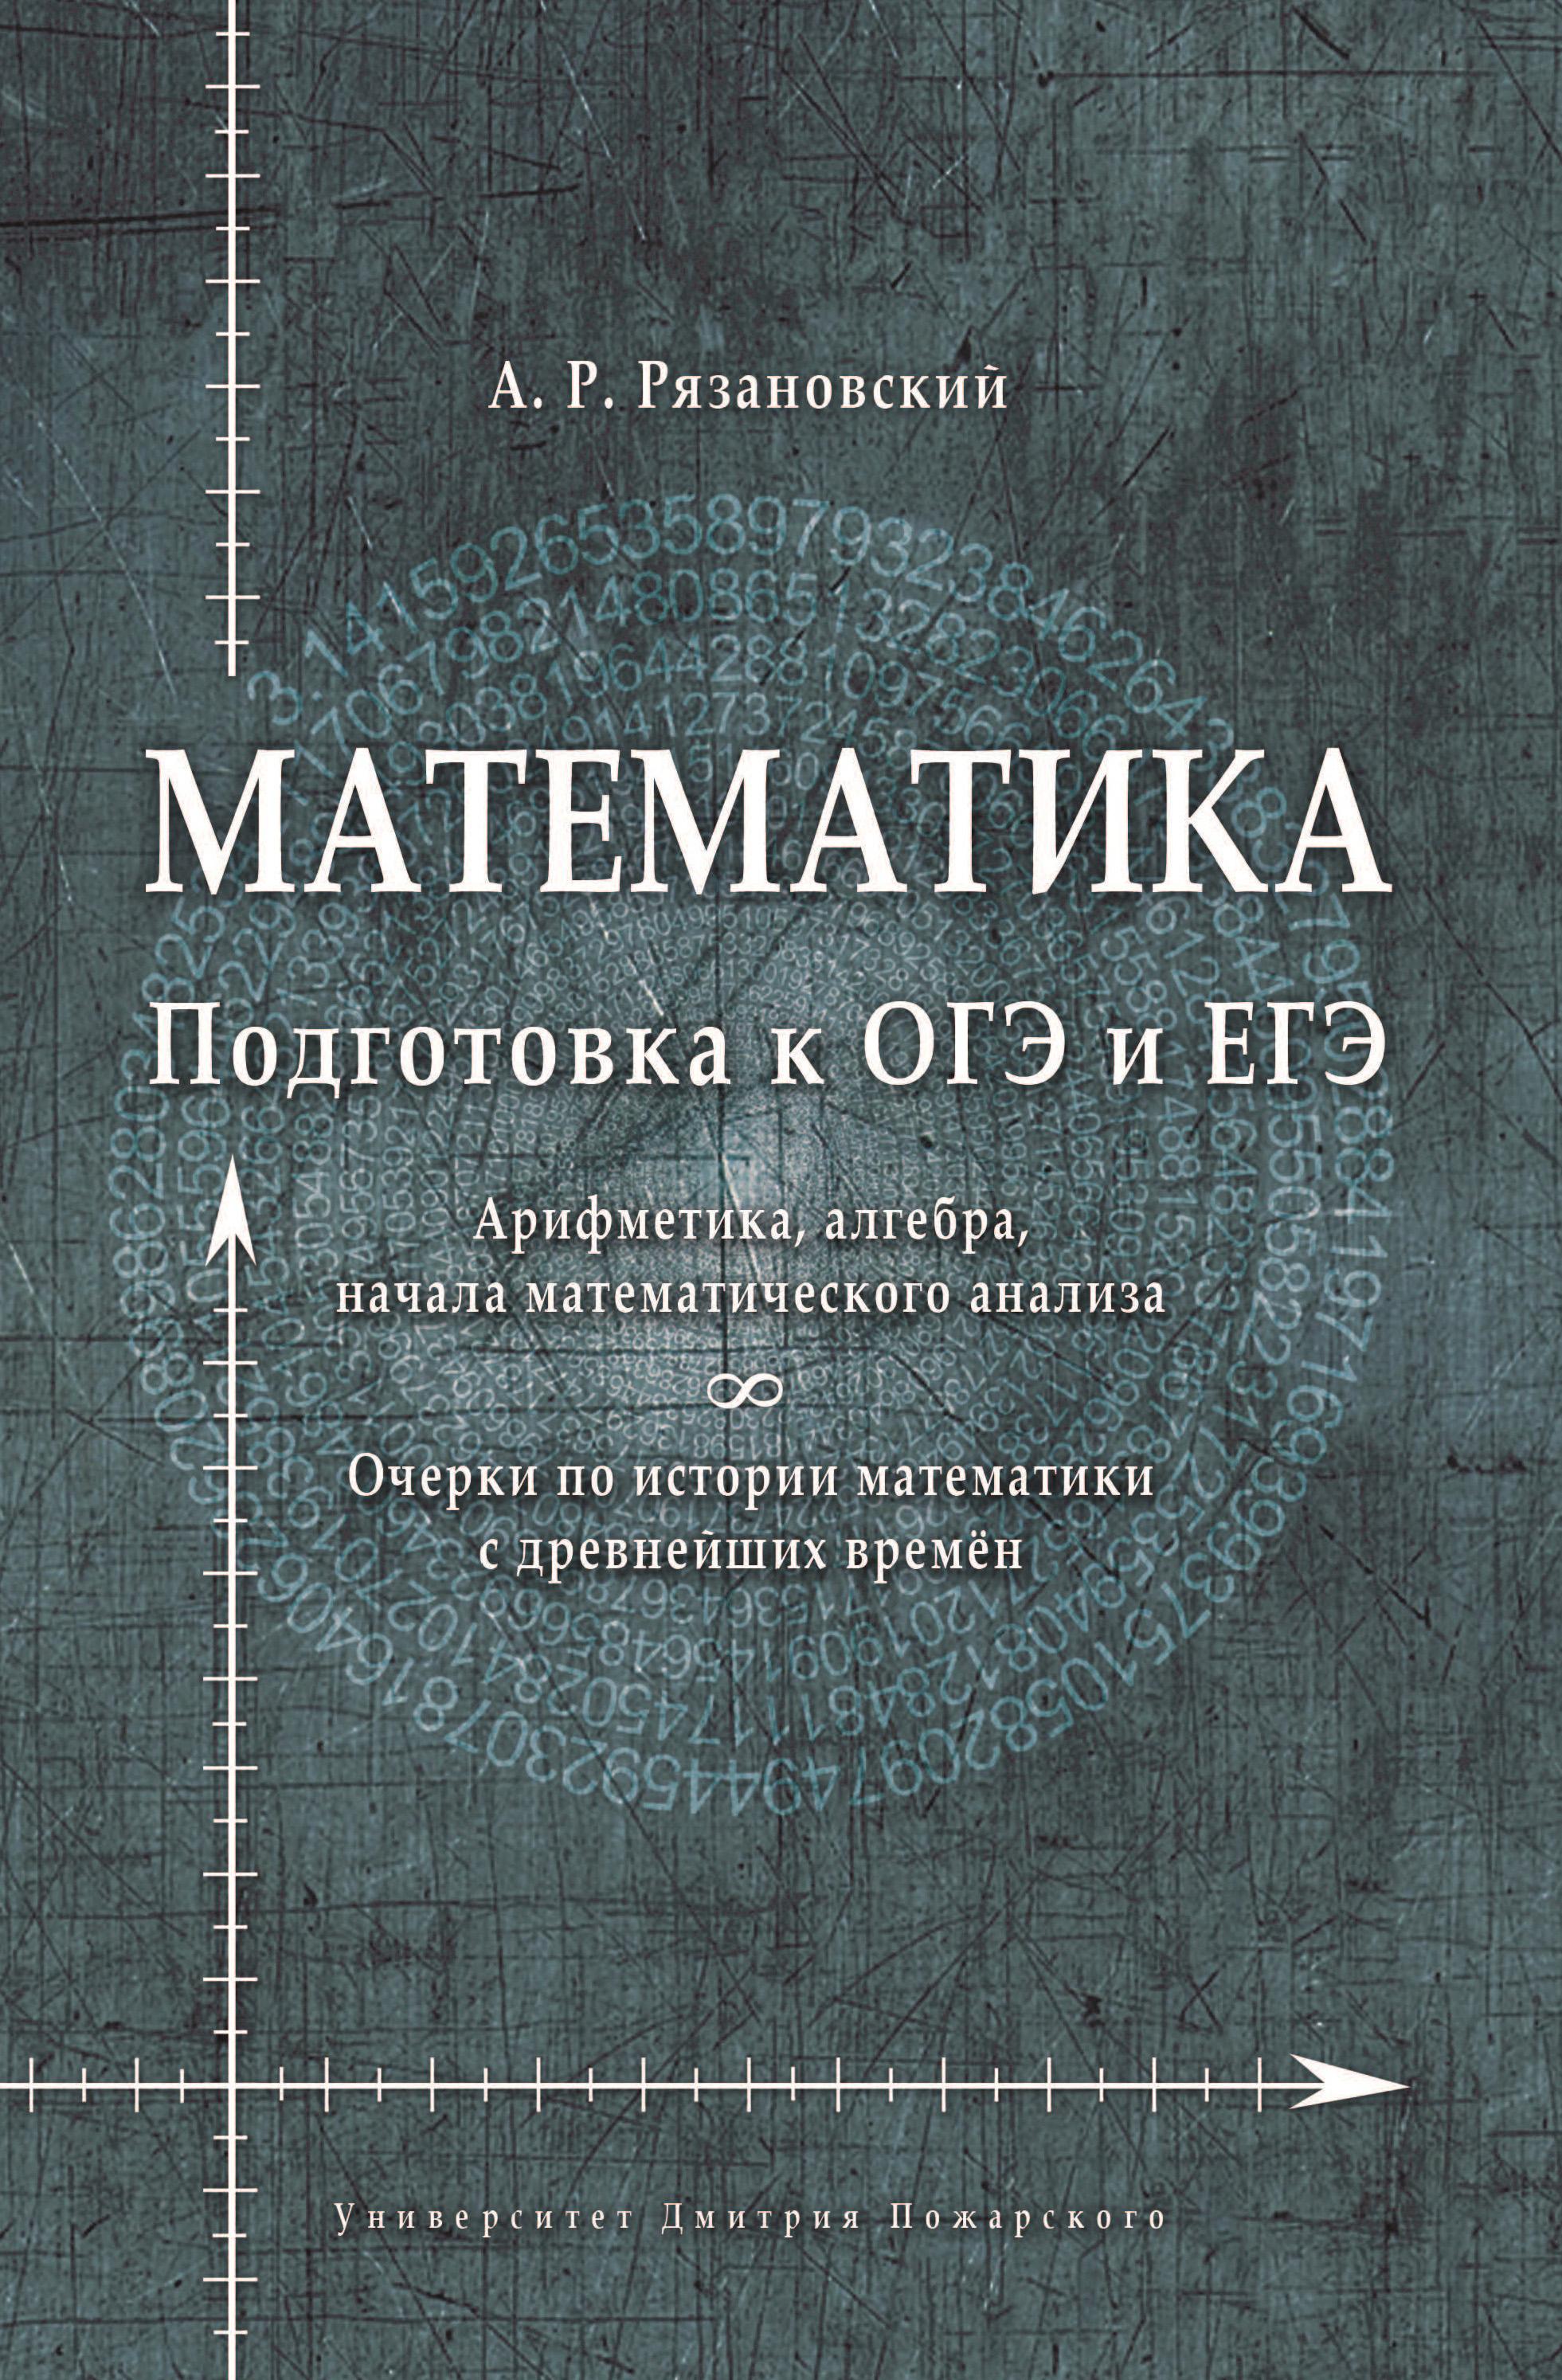 matematika podgotovka k oge i ege arifmetika algebra nachala matematicheskogo analiza ocherki po istorii matematiki